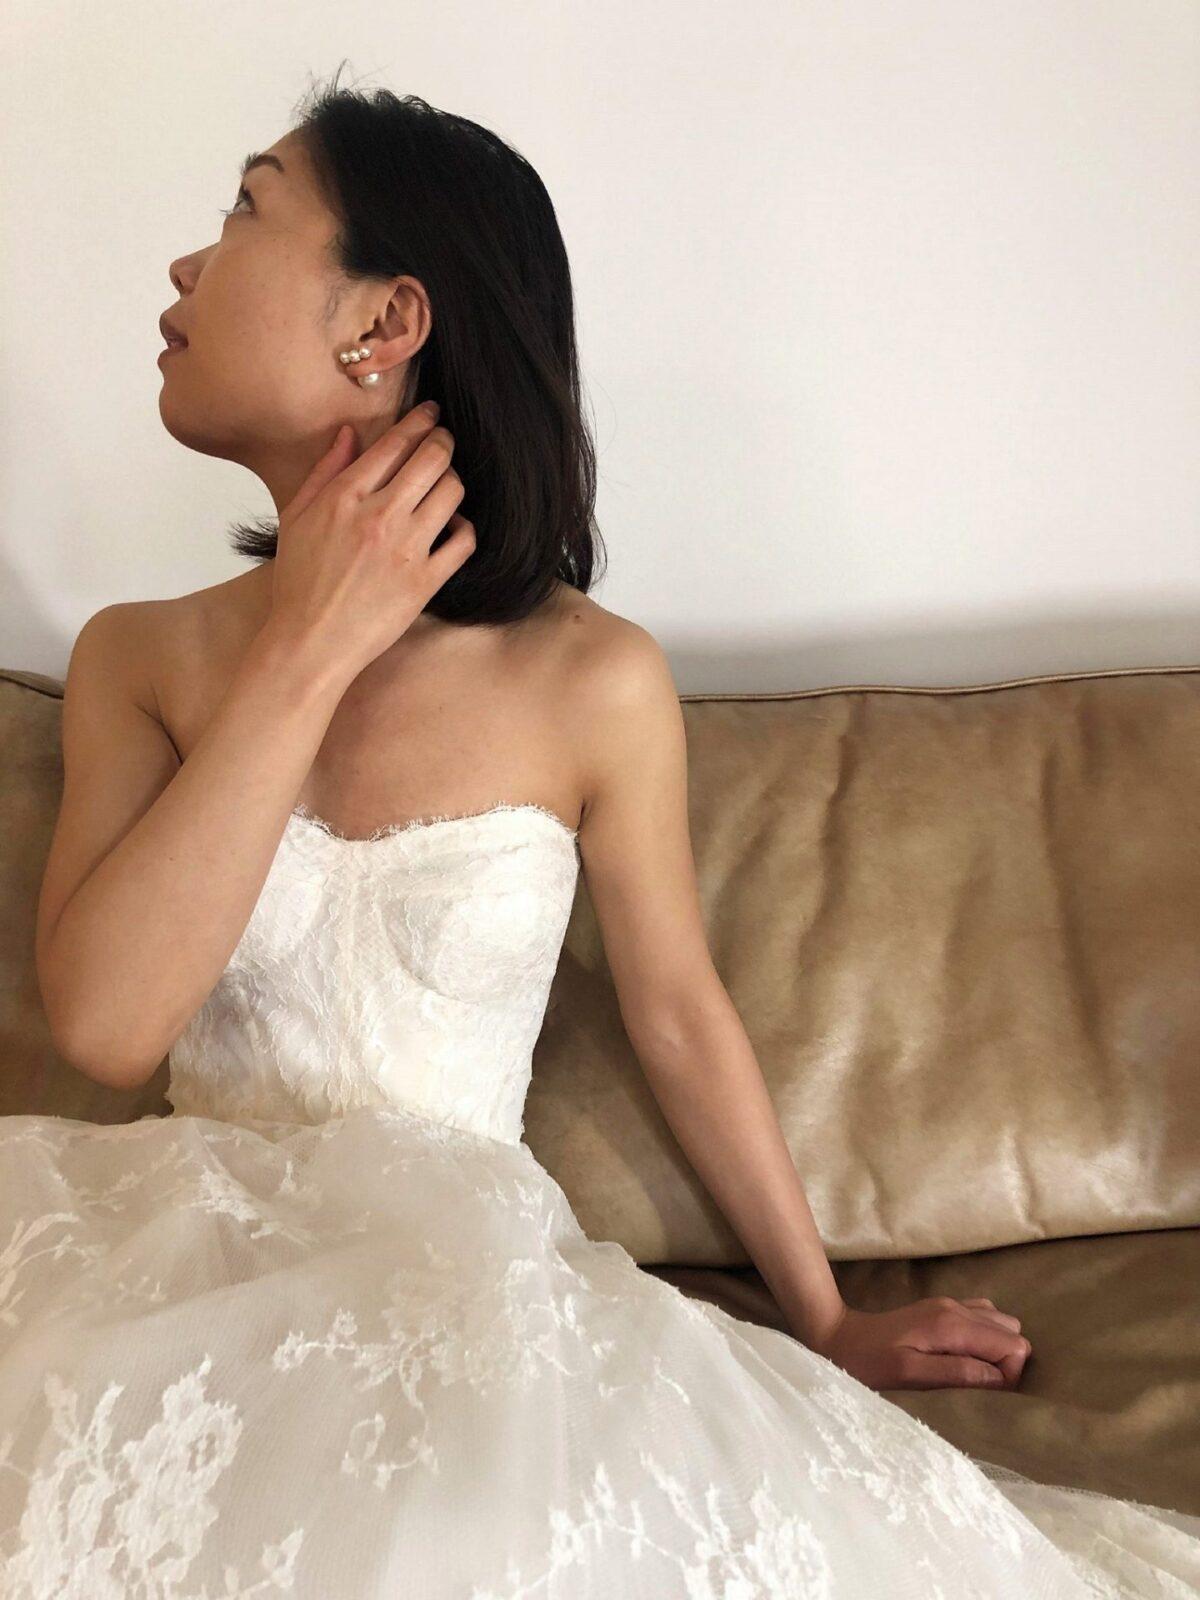 決めすぎないボブヘアにパールのピアスを合わせれば透け感が美しいレースのレンタルウェディングドレスをどんな会場にもマッチするのでおすすめです。